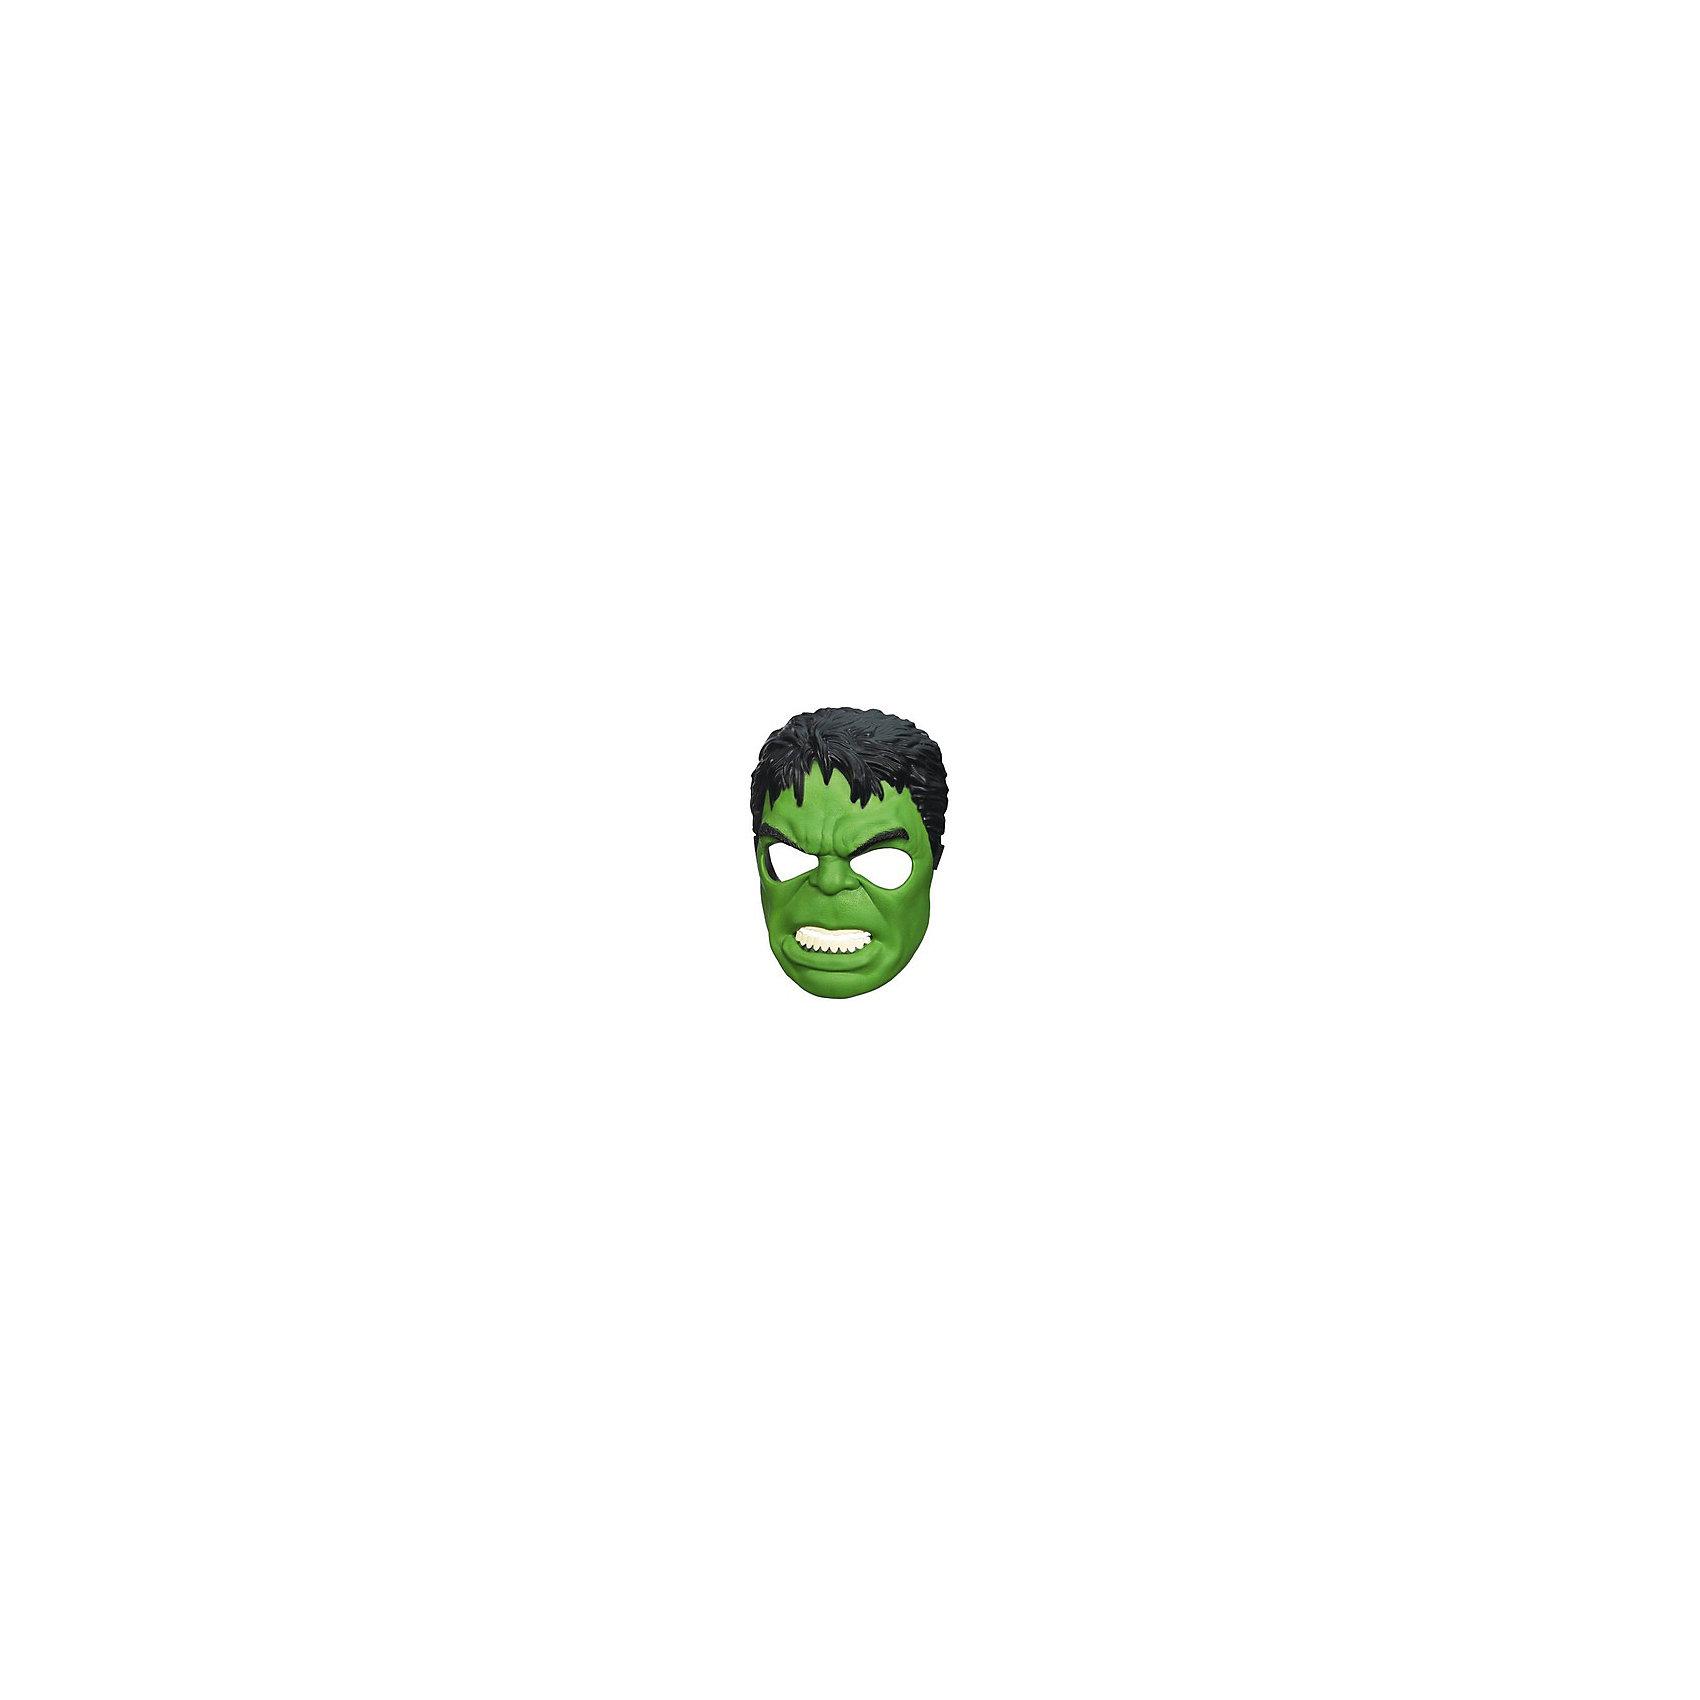 Маска мстителей: Халк, Marvel HeroesМаска Халка станет приятным сюрпризом для вашего ребенка, особенно если он является поклонником популярных комиксов и фильмов о супергероях Мстители (Avengers). Маска любимого персонажа поможет ребенку представить себя героем, которой спасает мир от злодеев и погрузиться с друзьями в увлекательный игровой процесс. Маска из прочного пластика выполнена очень реалистично, все детали тщательно проработаны. Размер можно отрегулировать с помощью застежки, область глаз прорезинена. <br><br>Дополнительная информация:  <br><br>- Материал: пластик. <br>- Размер упаковки: 11 х 19,1 х 30,5 см.  <br><br>Маску мстителей: Халк, Marvel Heroes (Герои Марвел), можно купить в нашем интернет-магазине.<br><br>Ширина мм: 238<br>Глубина мм: 215<br>Высота мм: 101<br>Вес г: 116<br>Возраст от месяцев: 48<br>Возраст до месяцев: 96<br>Пол: Мужской<br>Возраст: Детский<br>SKU: 4702897